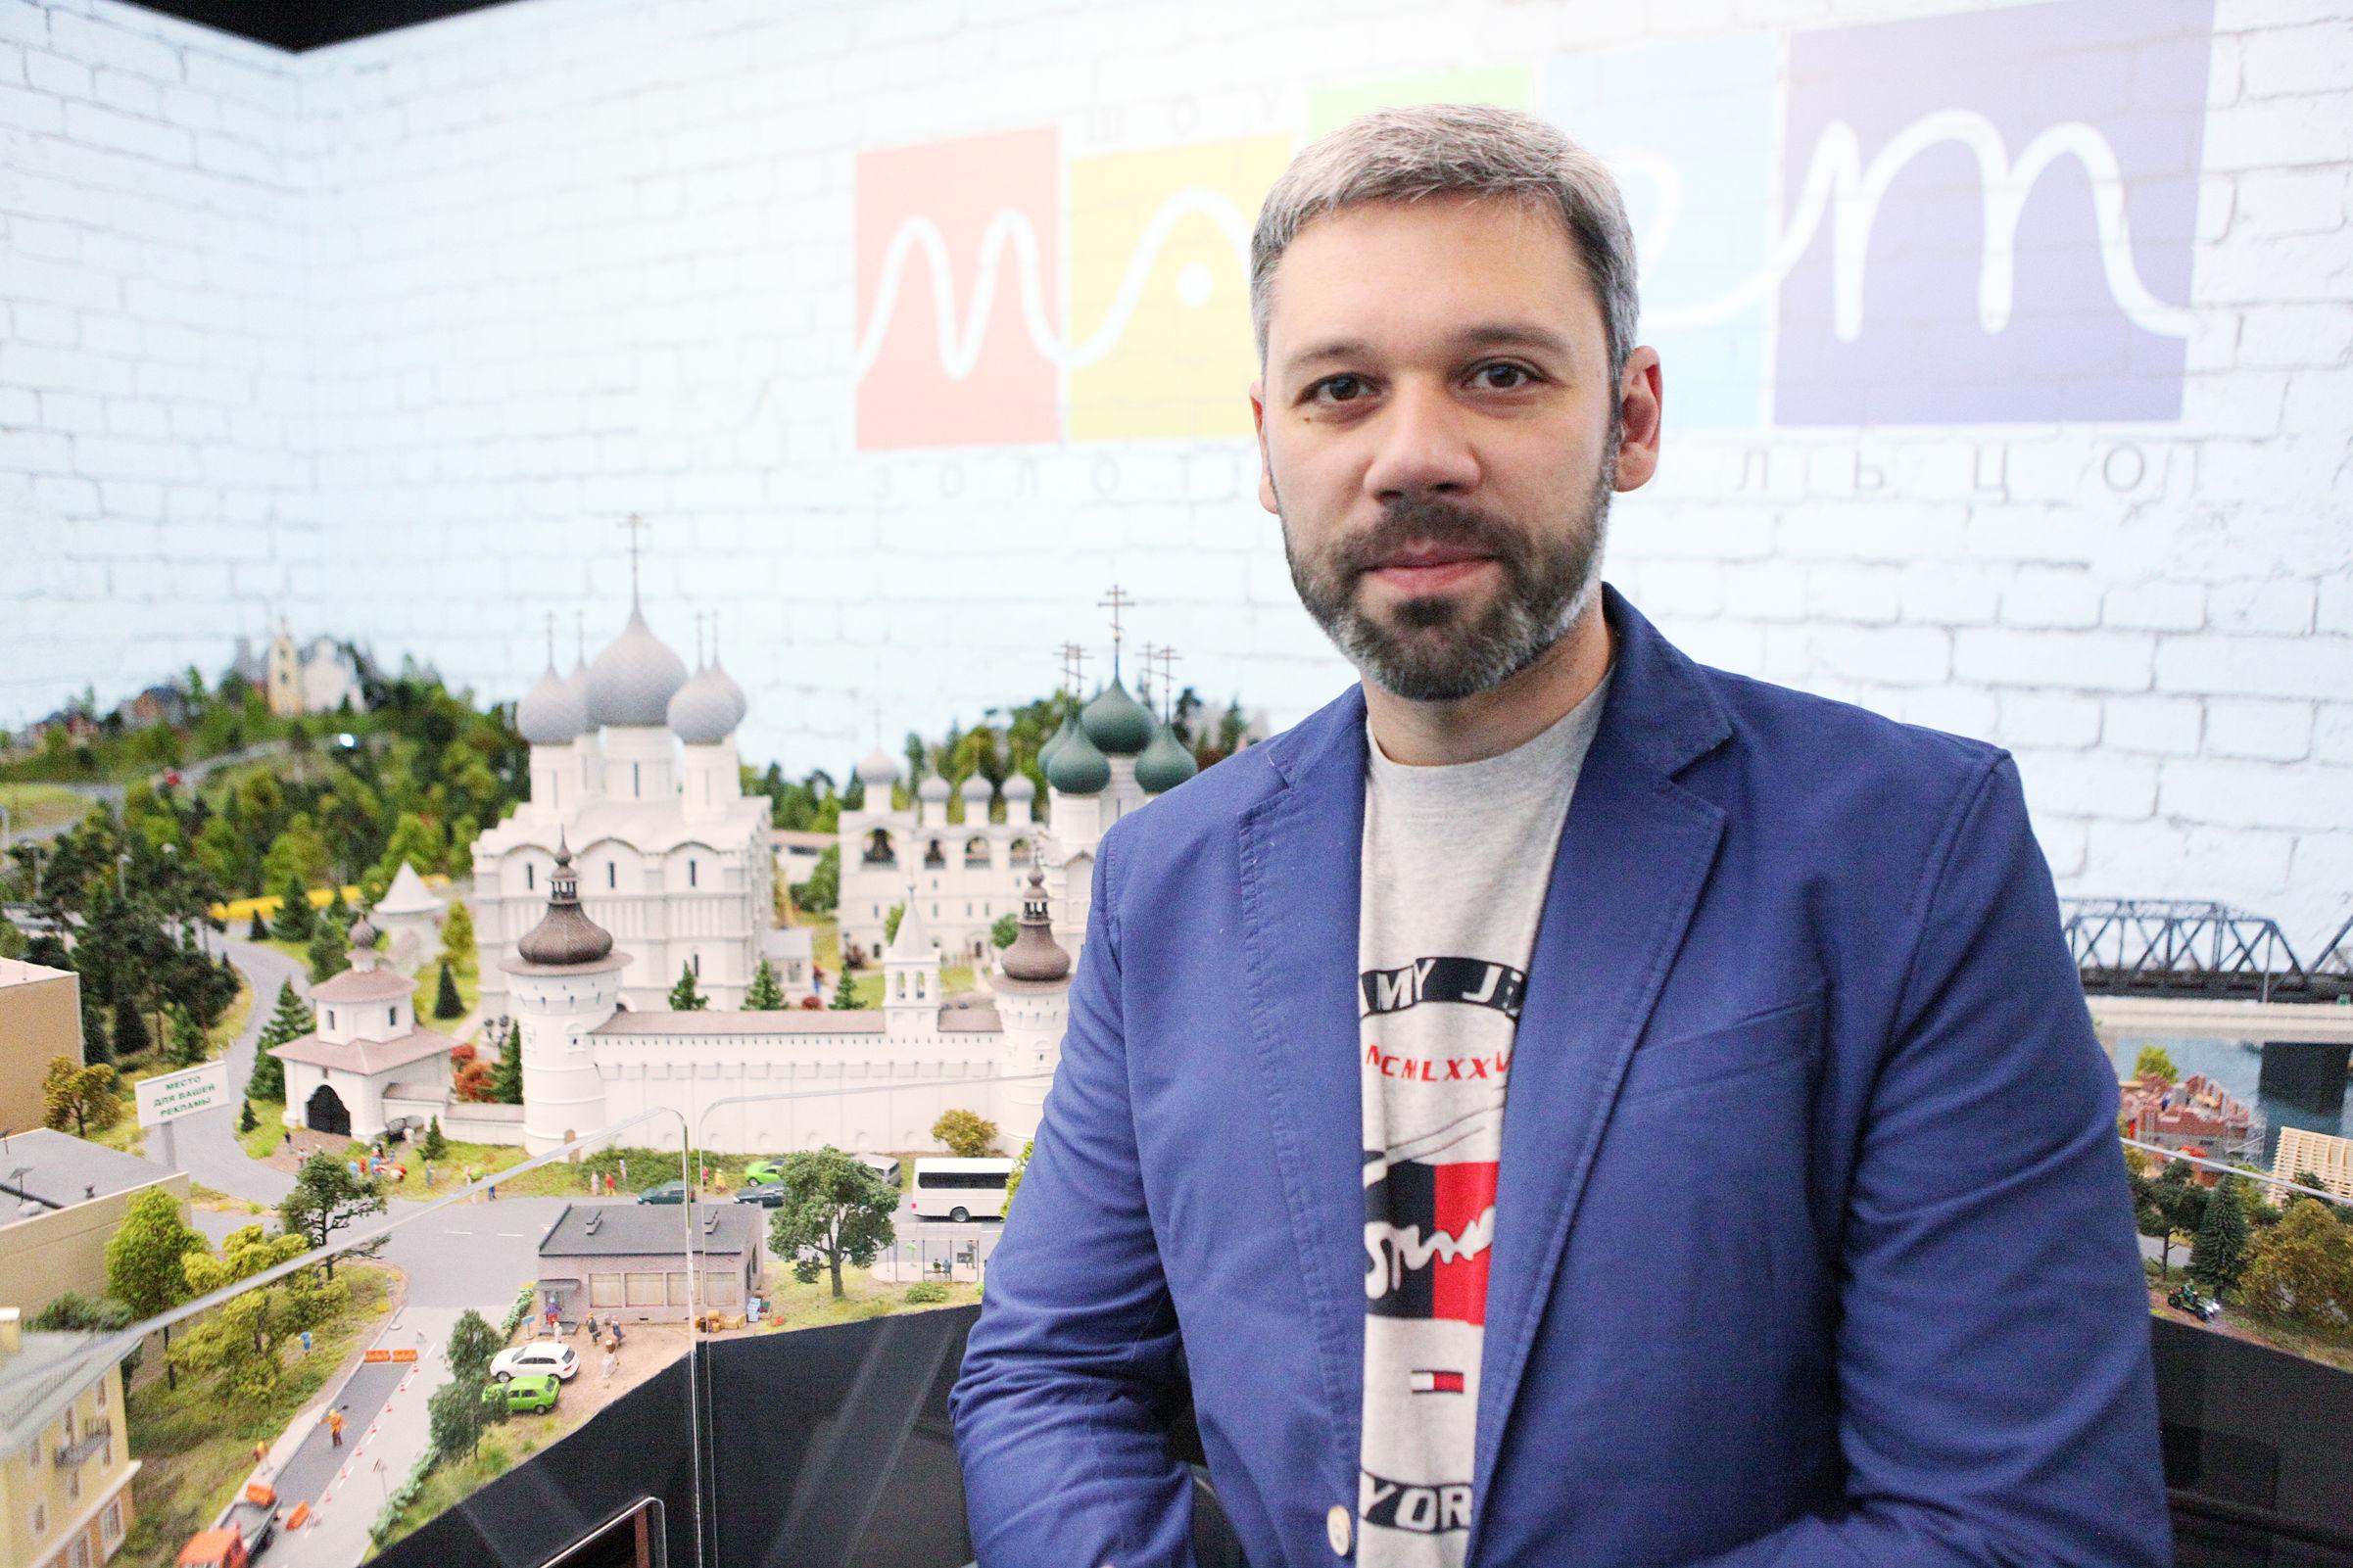 Страна лилипутов в Ярославле. В столице Золотого кольца открылся новый музей – фото